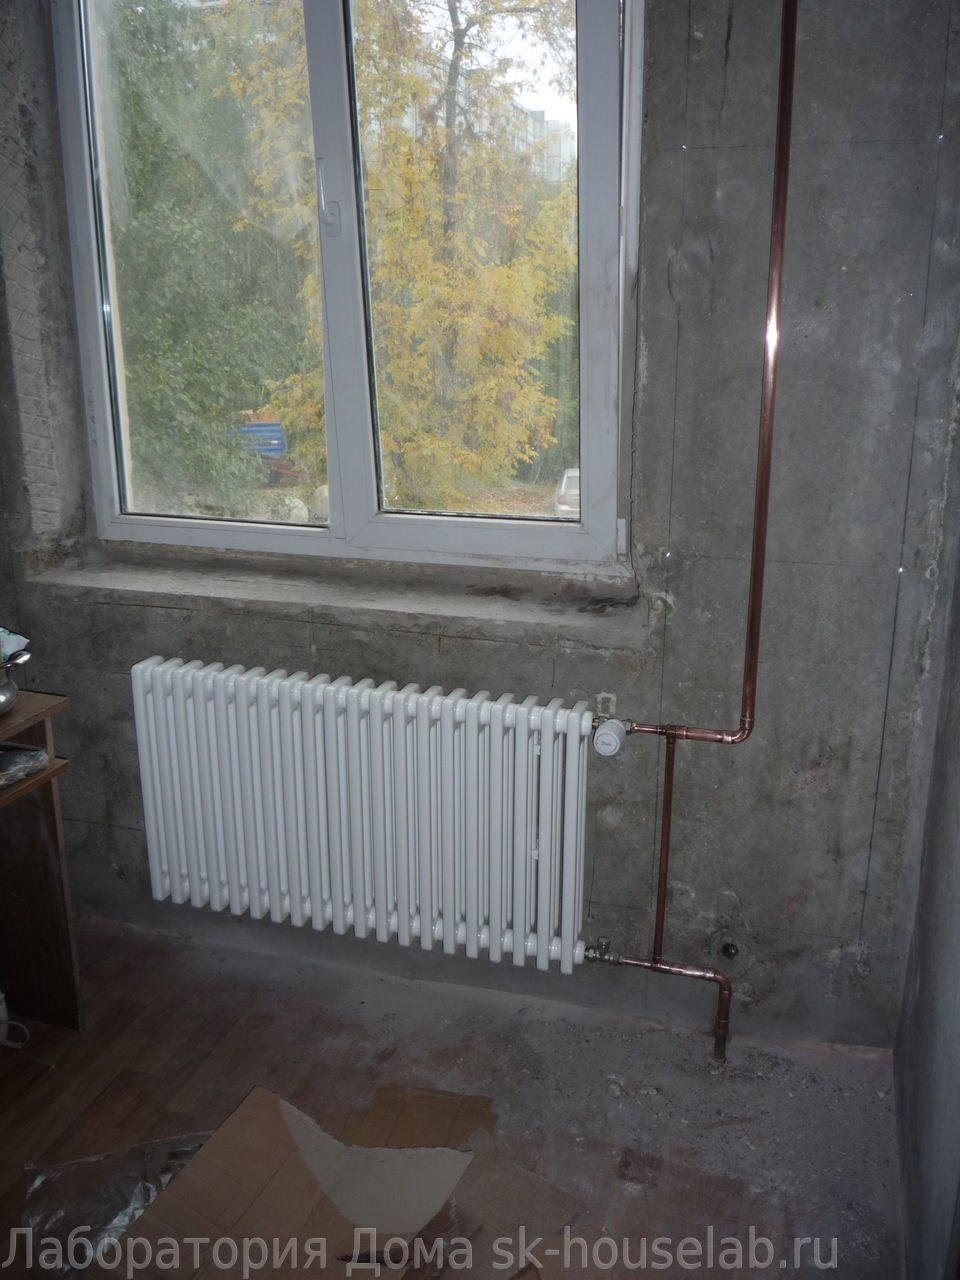 Radiateur eau chaude acier castorama devis travaux gratuit bordeaux argen - Radiateur acier castorama ...